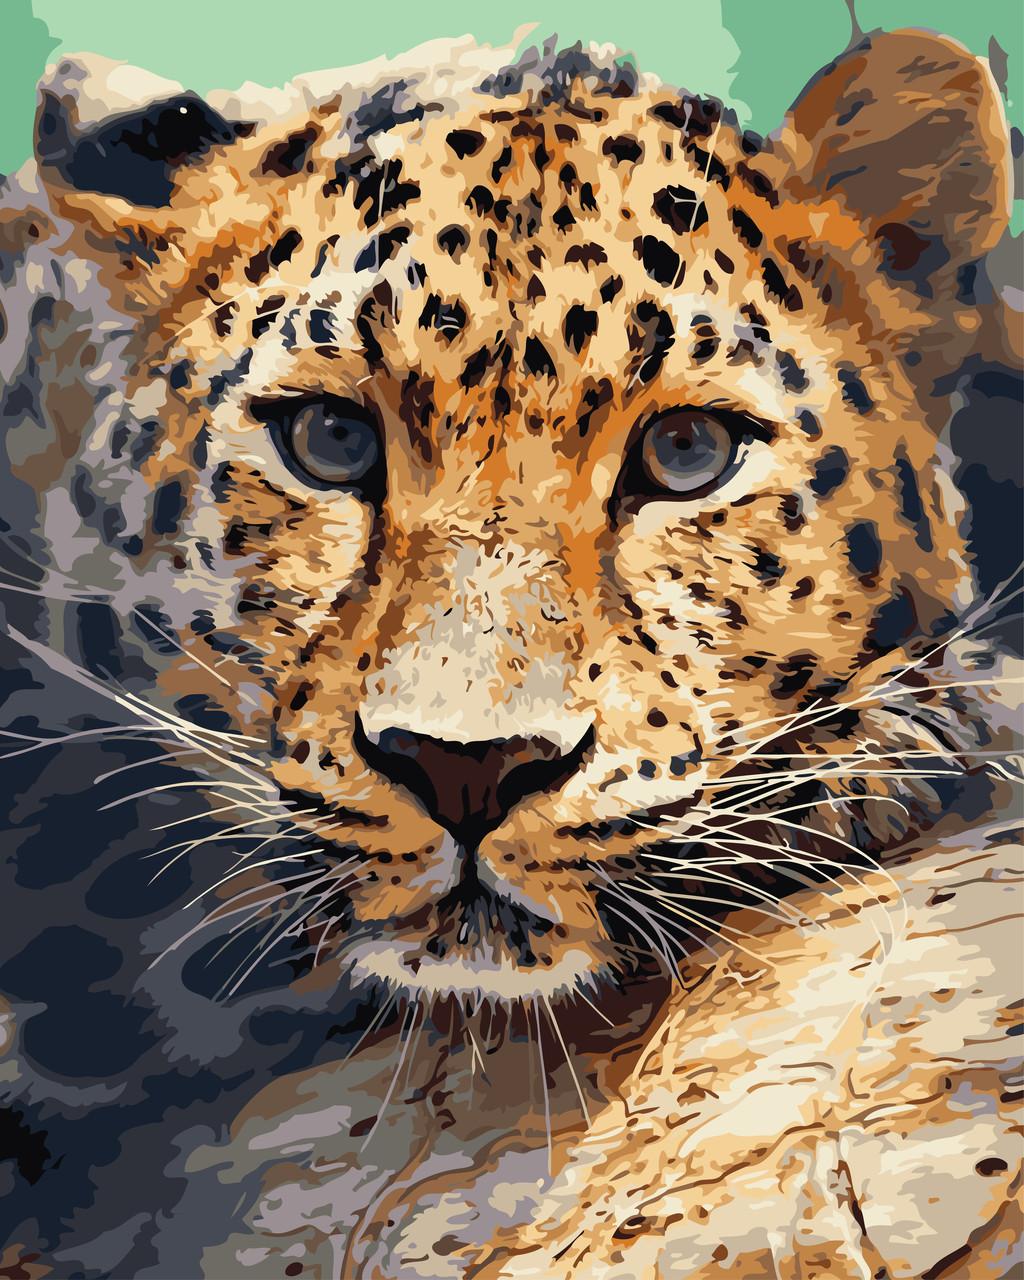 """Картина по номерам """"Леопард"""" 40*50 см в коробке, ArtStory + акриловый лак"""